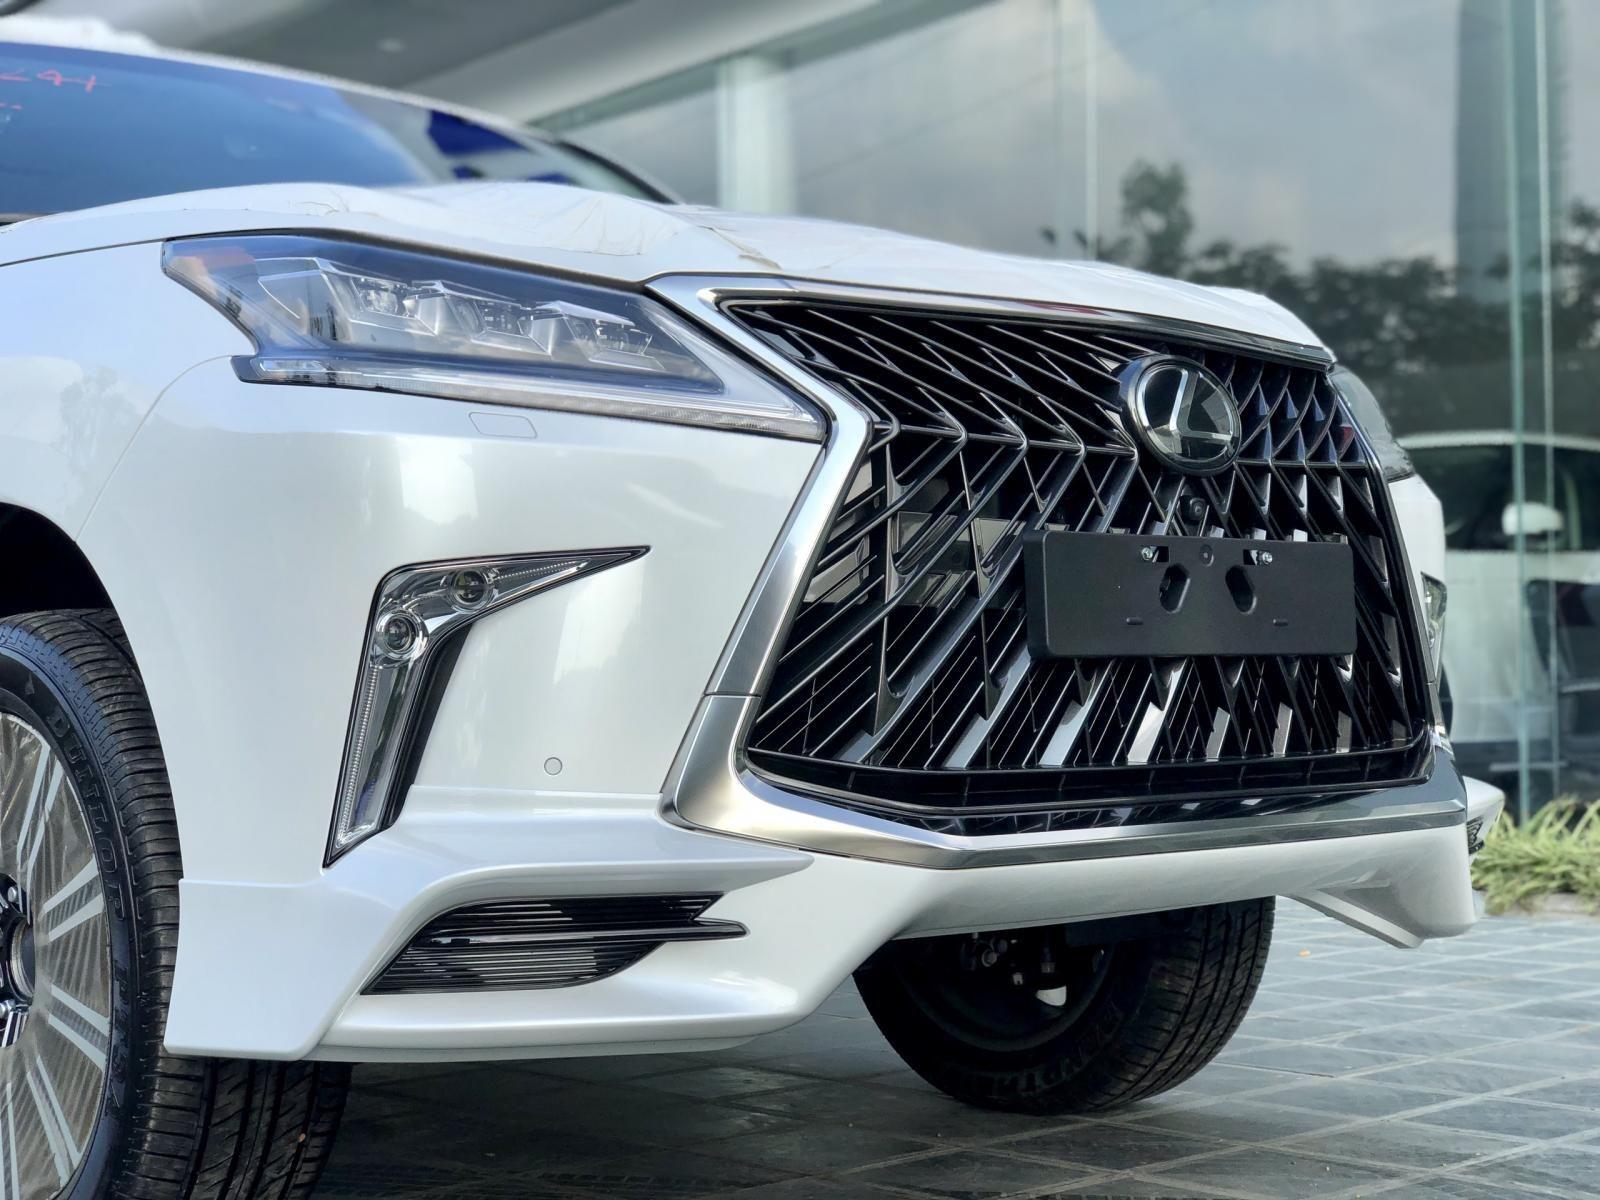 Cần bán nhanh chiếc xe  Lexus LX 570 đời 2019, màu trắng - Có sẵn xe - Giao nhanh toàn quốc